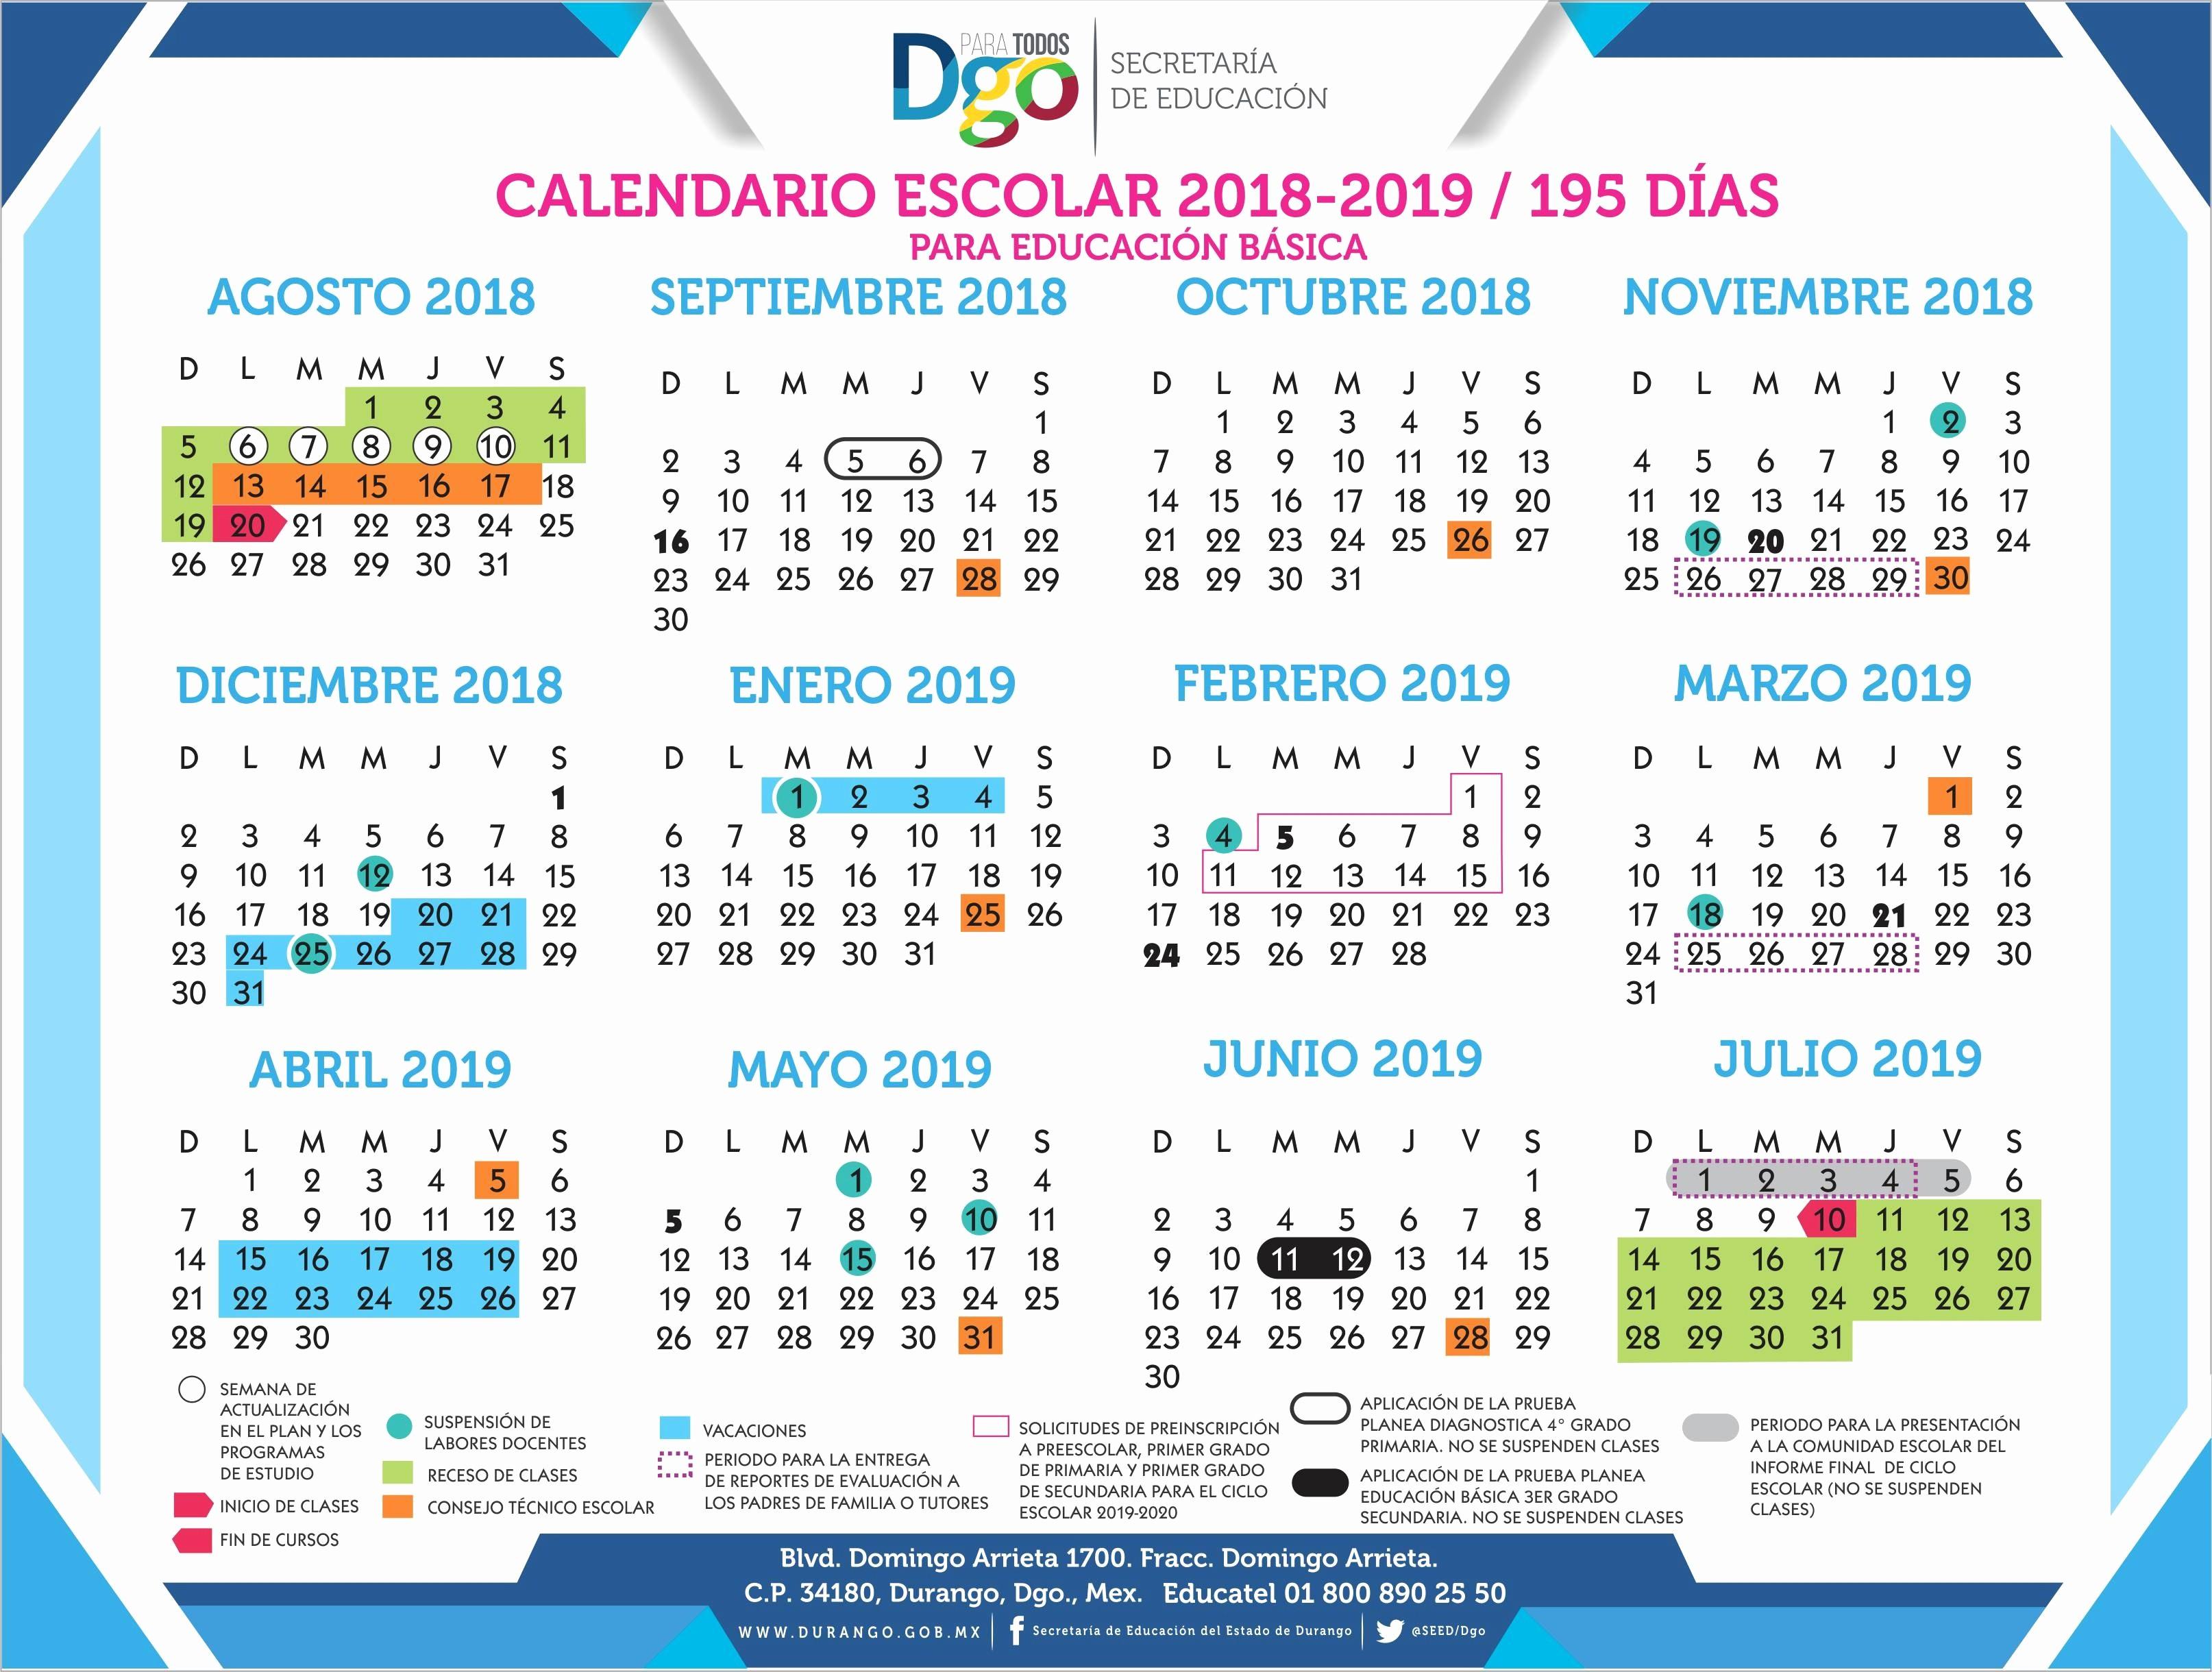 Calendario Escolar 2019 Durango Más Caliente Fresh 42 Ejemplos Calendario Escolar Ferias 2019 Shamsdubai Net Of Calendario Escolar 2019 Durango Más Recientes Calaméo Gara